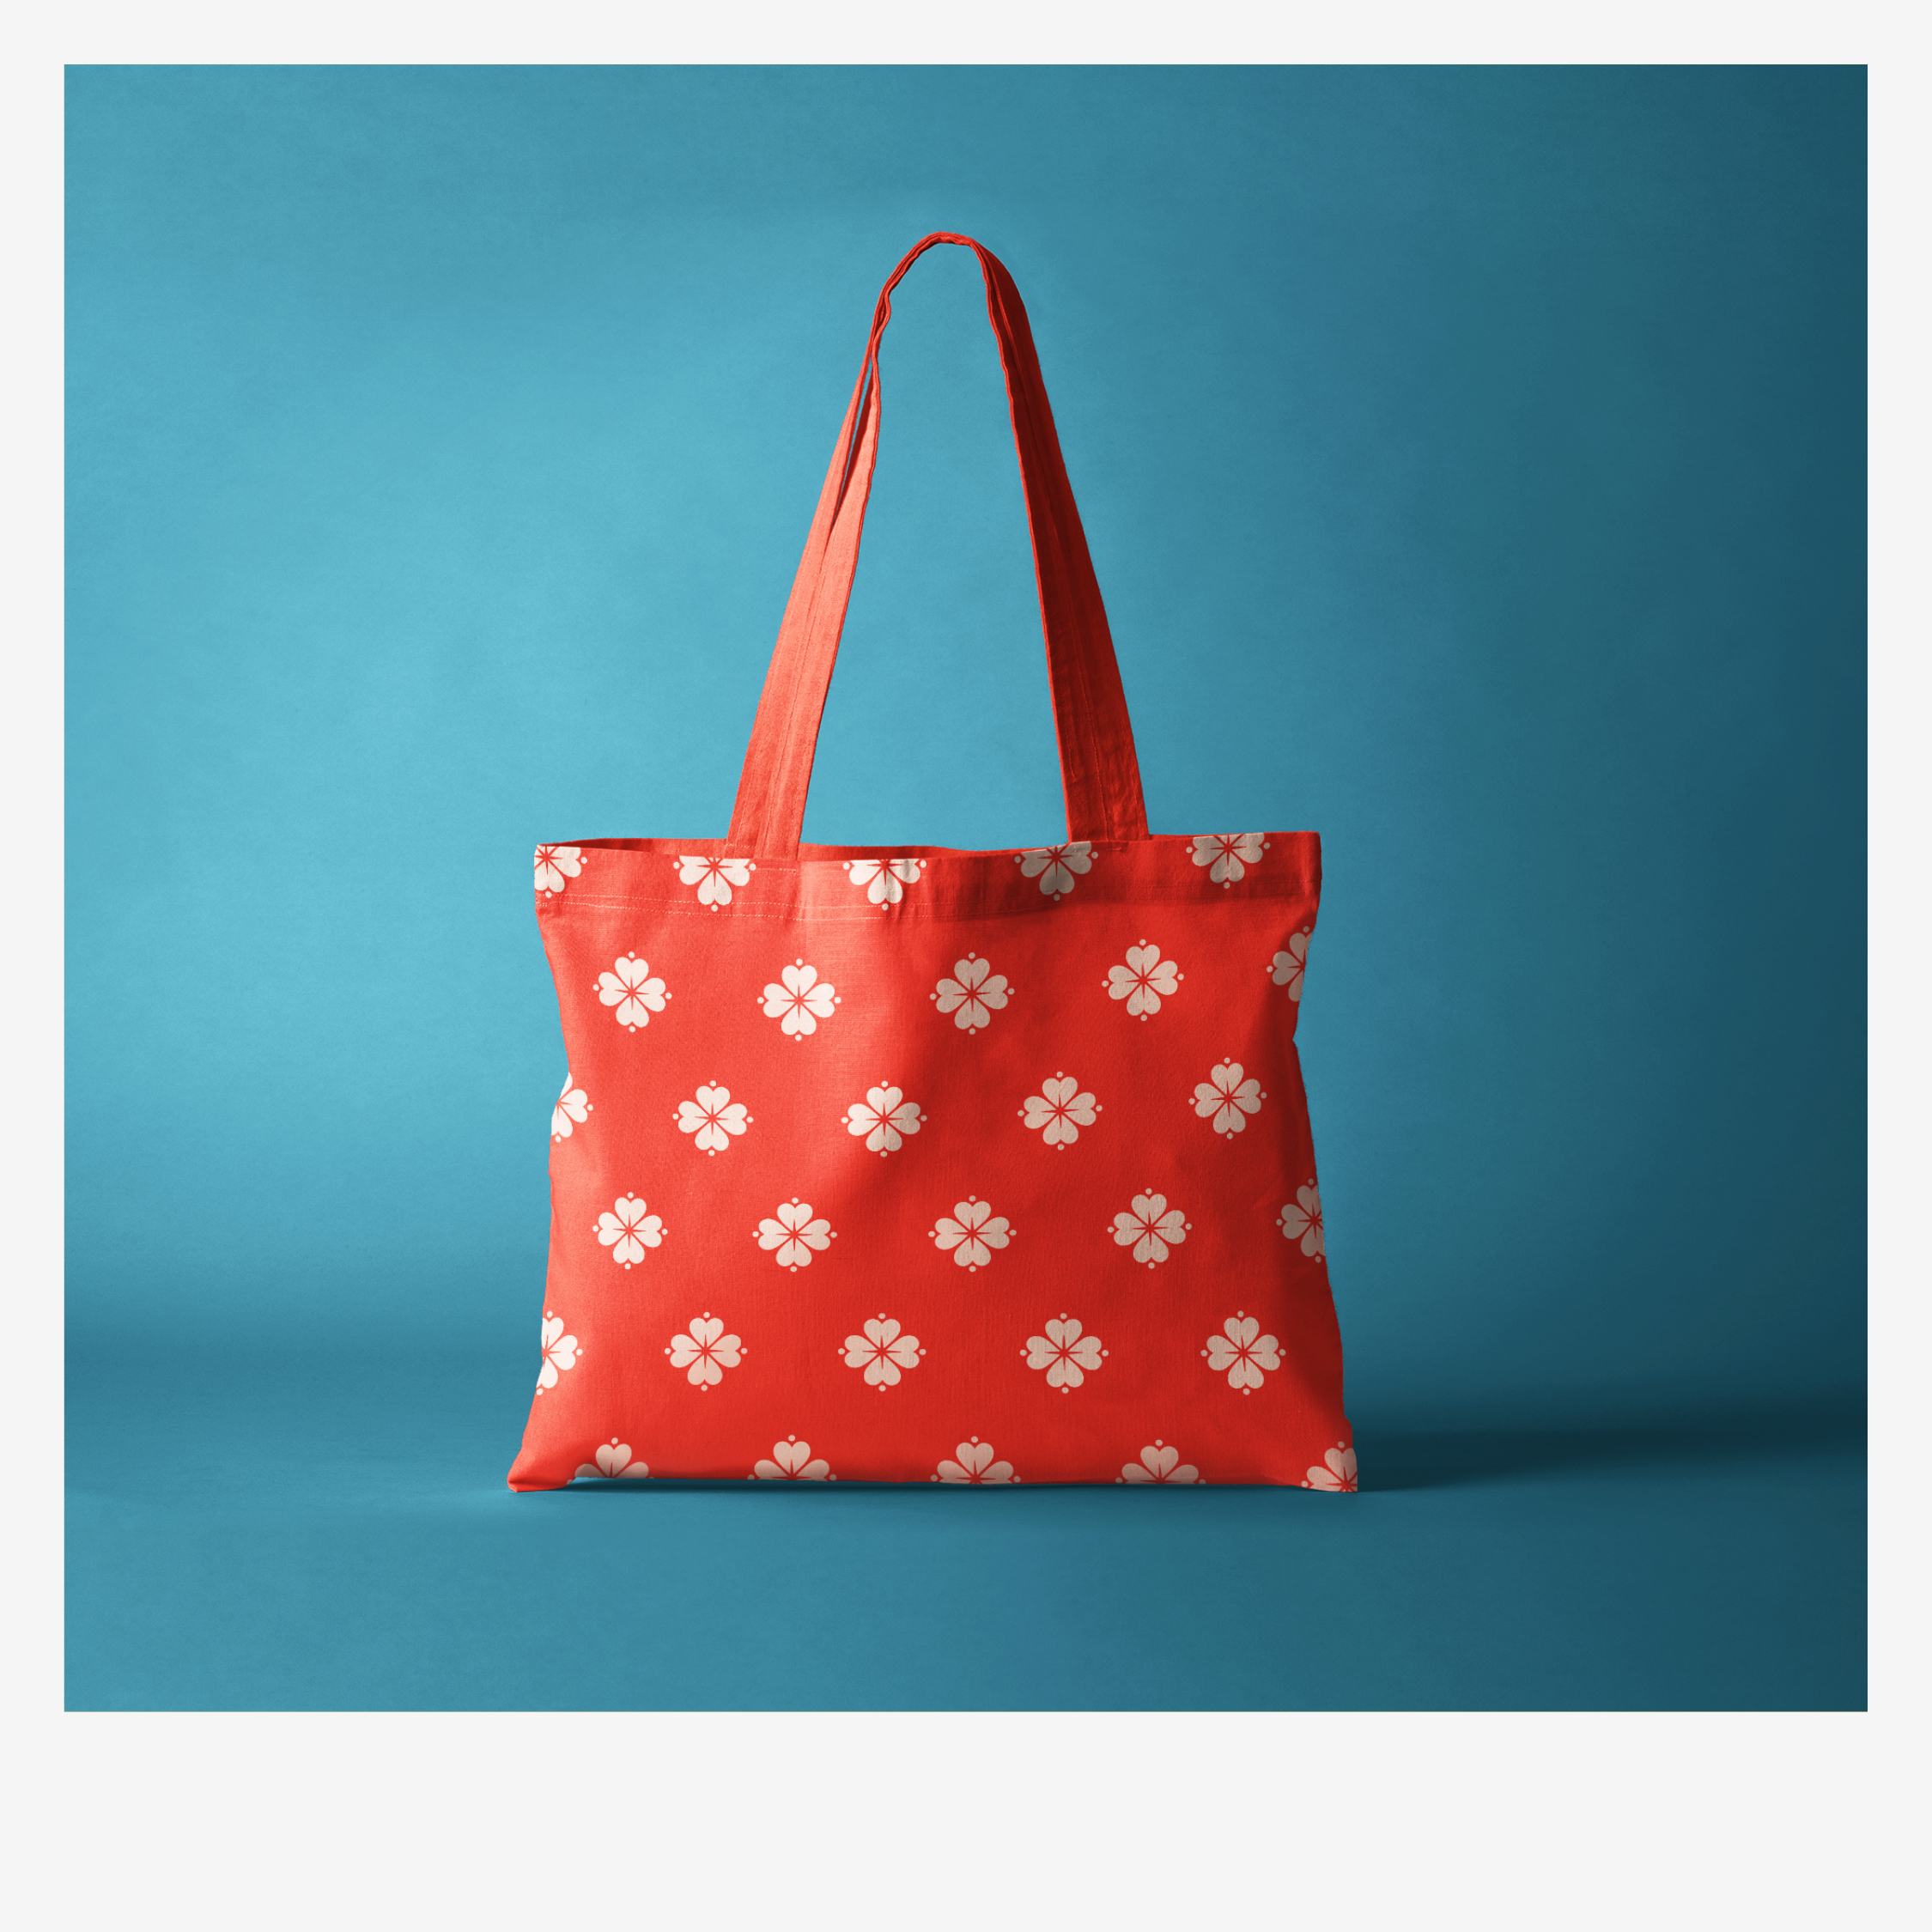 Tote bag design for We Sparkle